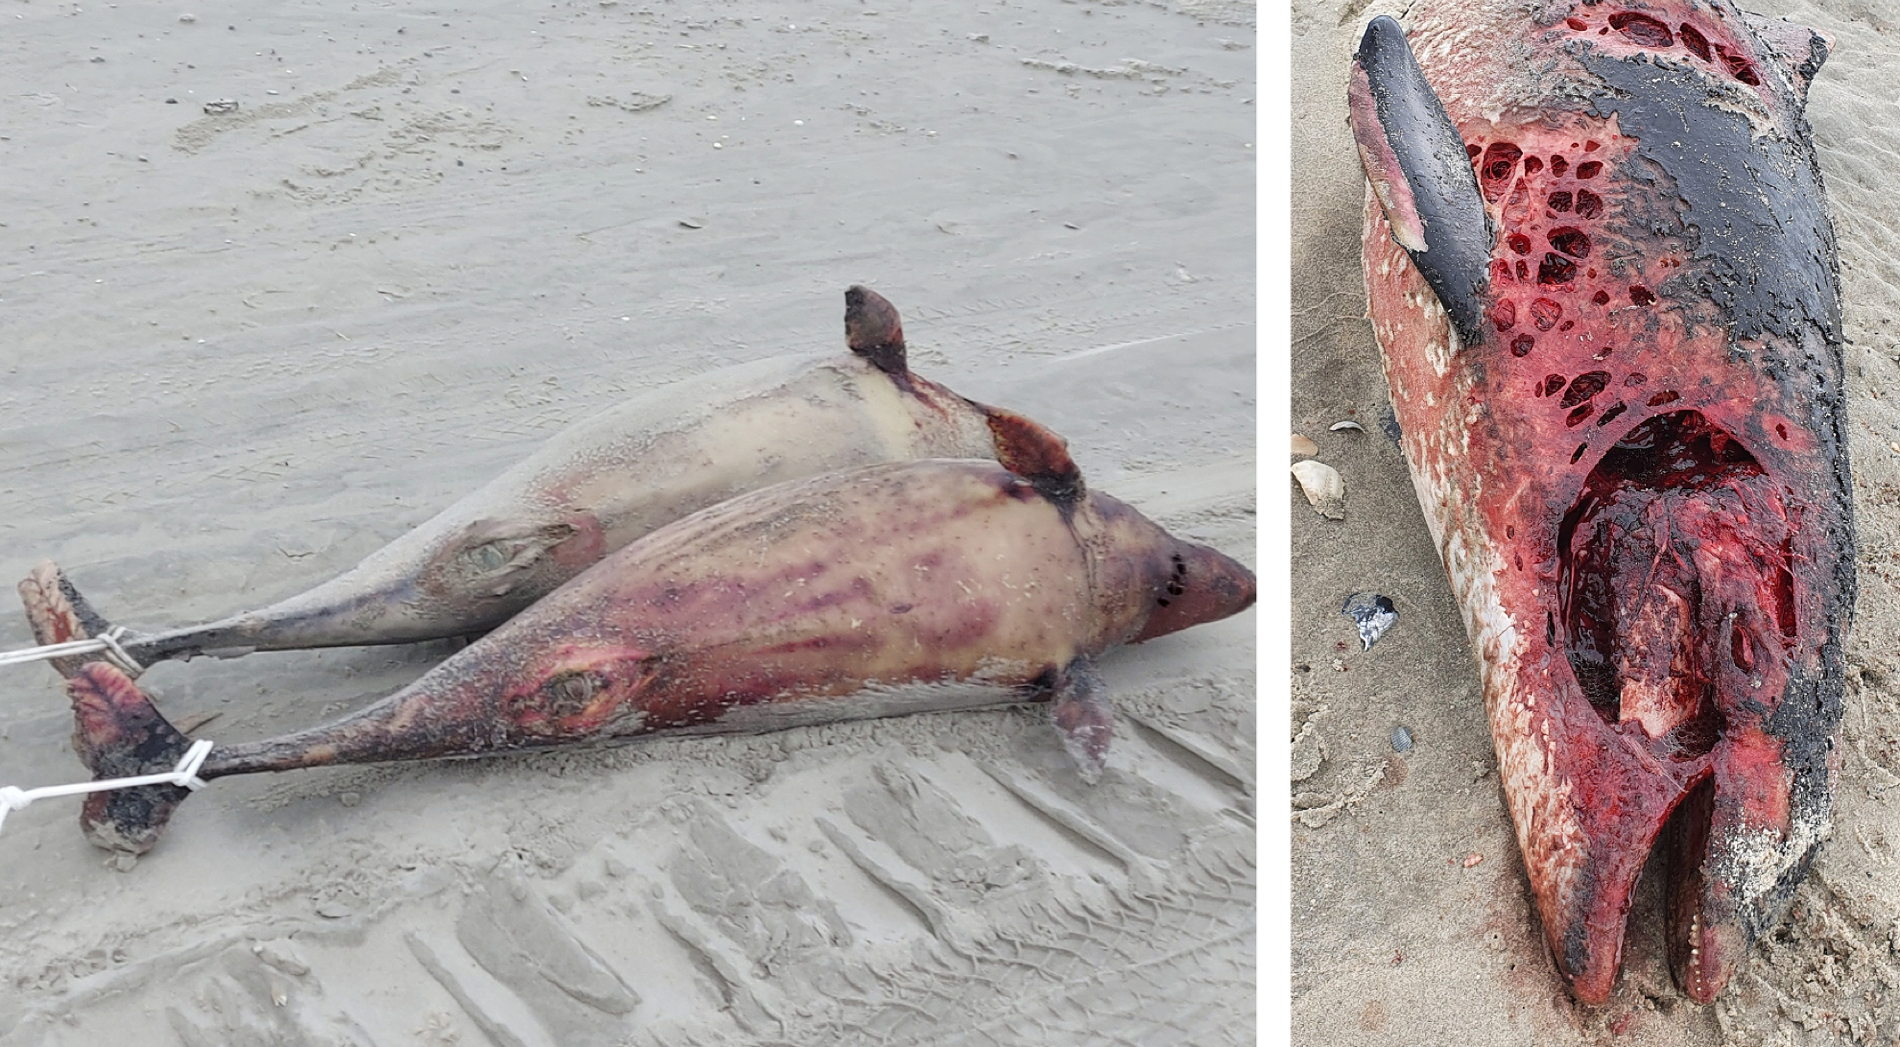 Schweinswal-Massenstreicheln in der Ostsee bei Grömitz